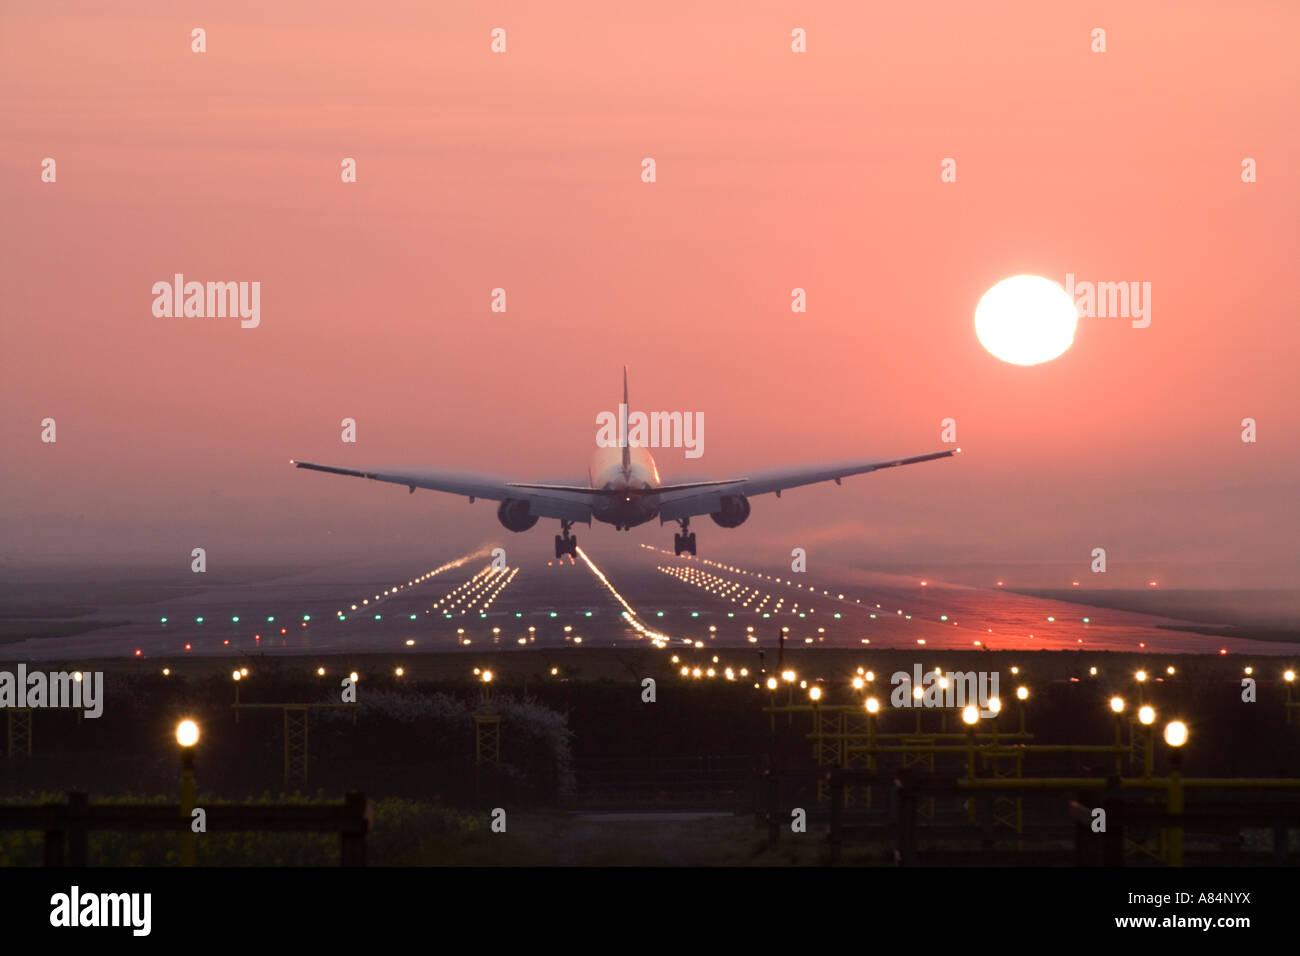 Aeroplane landing at sunrise. - Stock Image